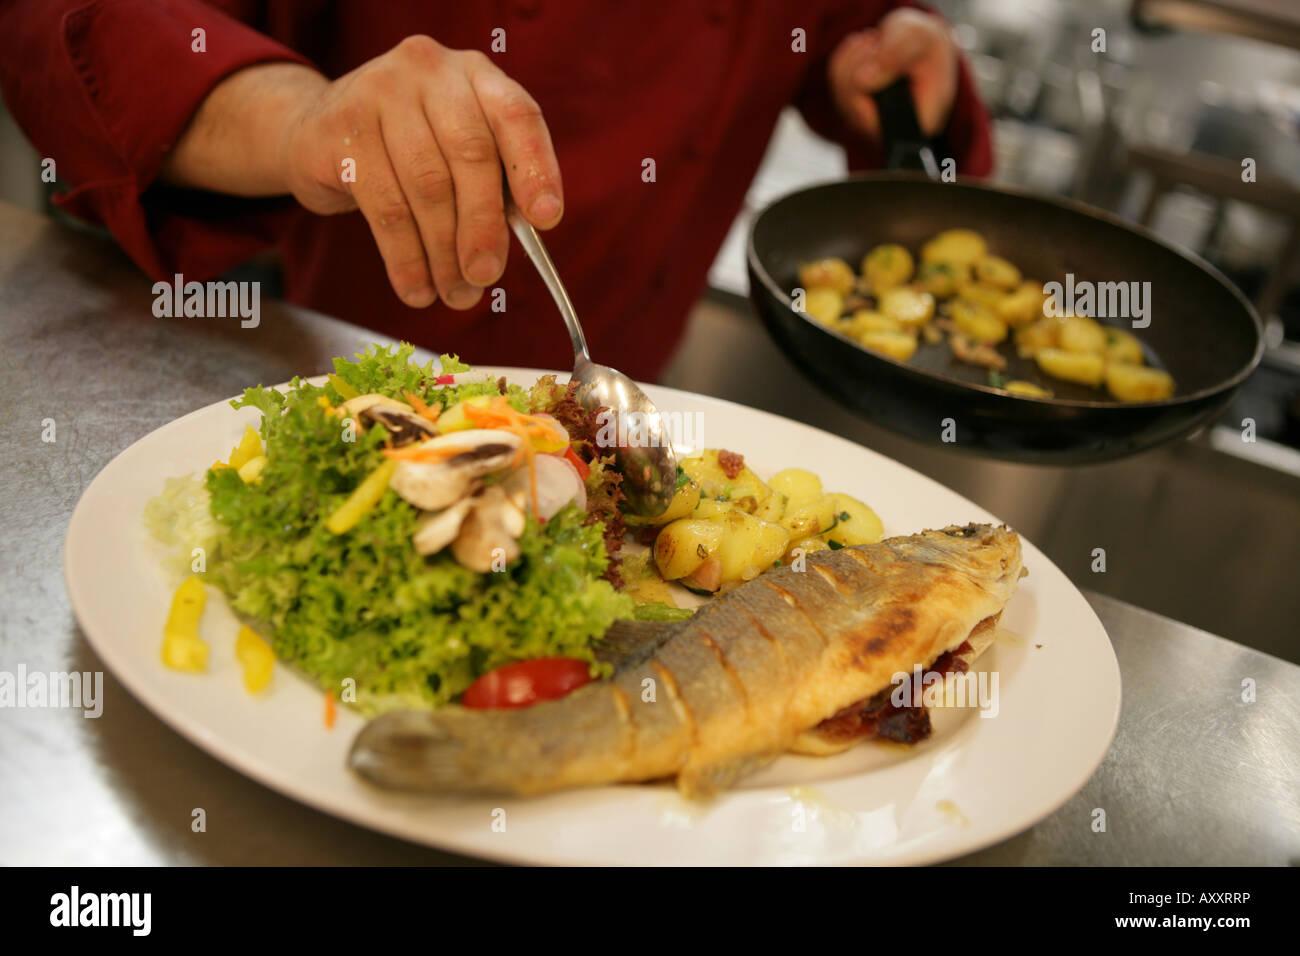 La cucina di un ristorante Decorazione di piastre con un piatto di s ...